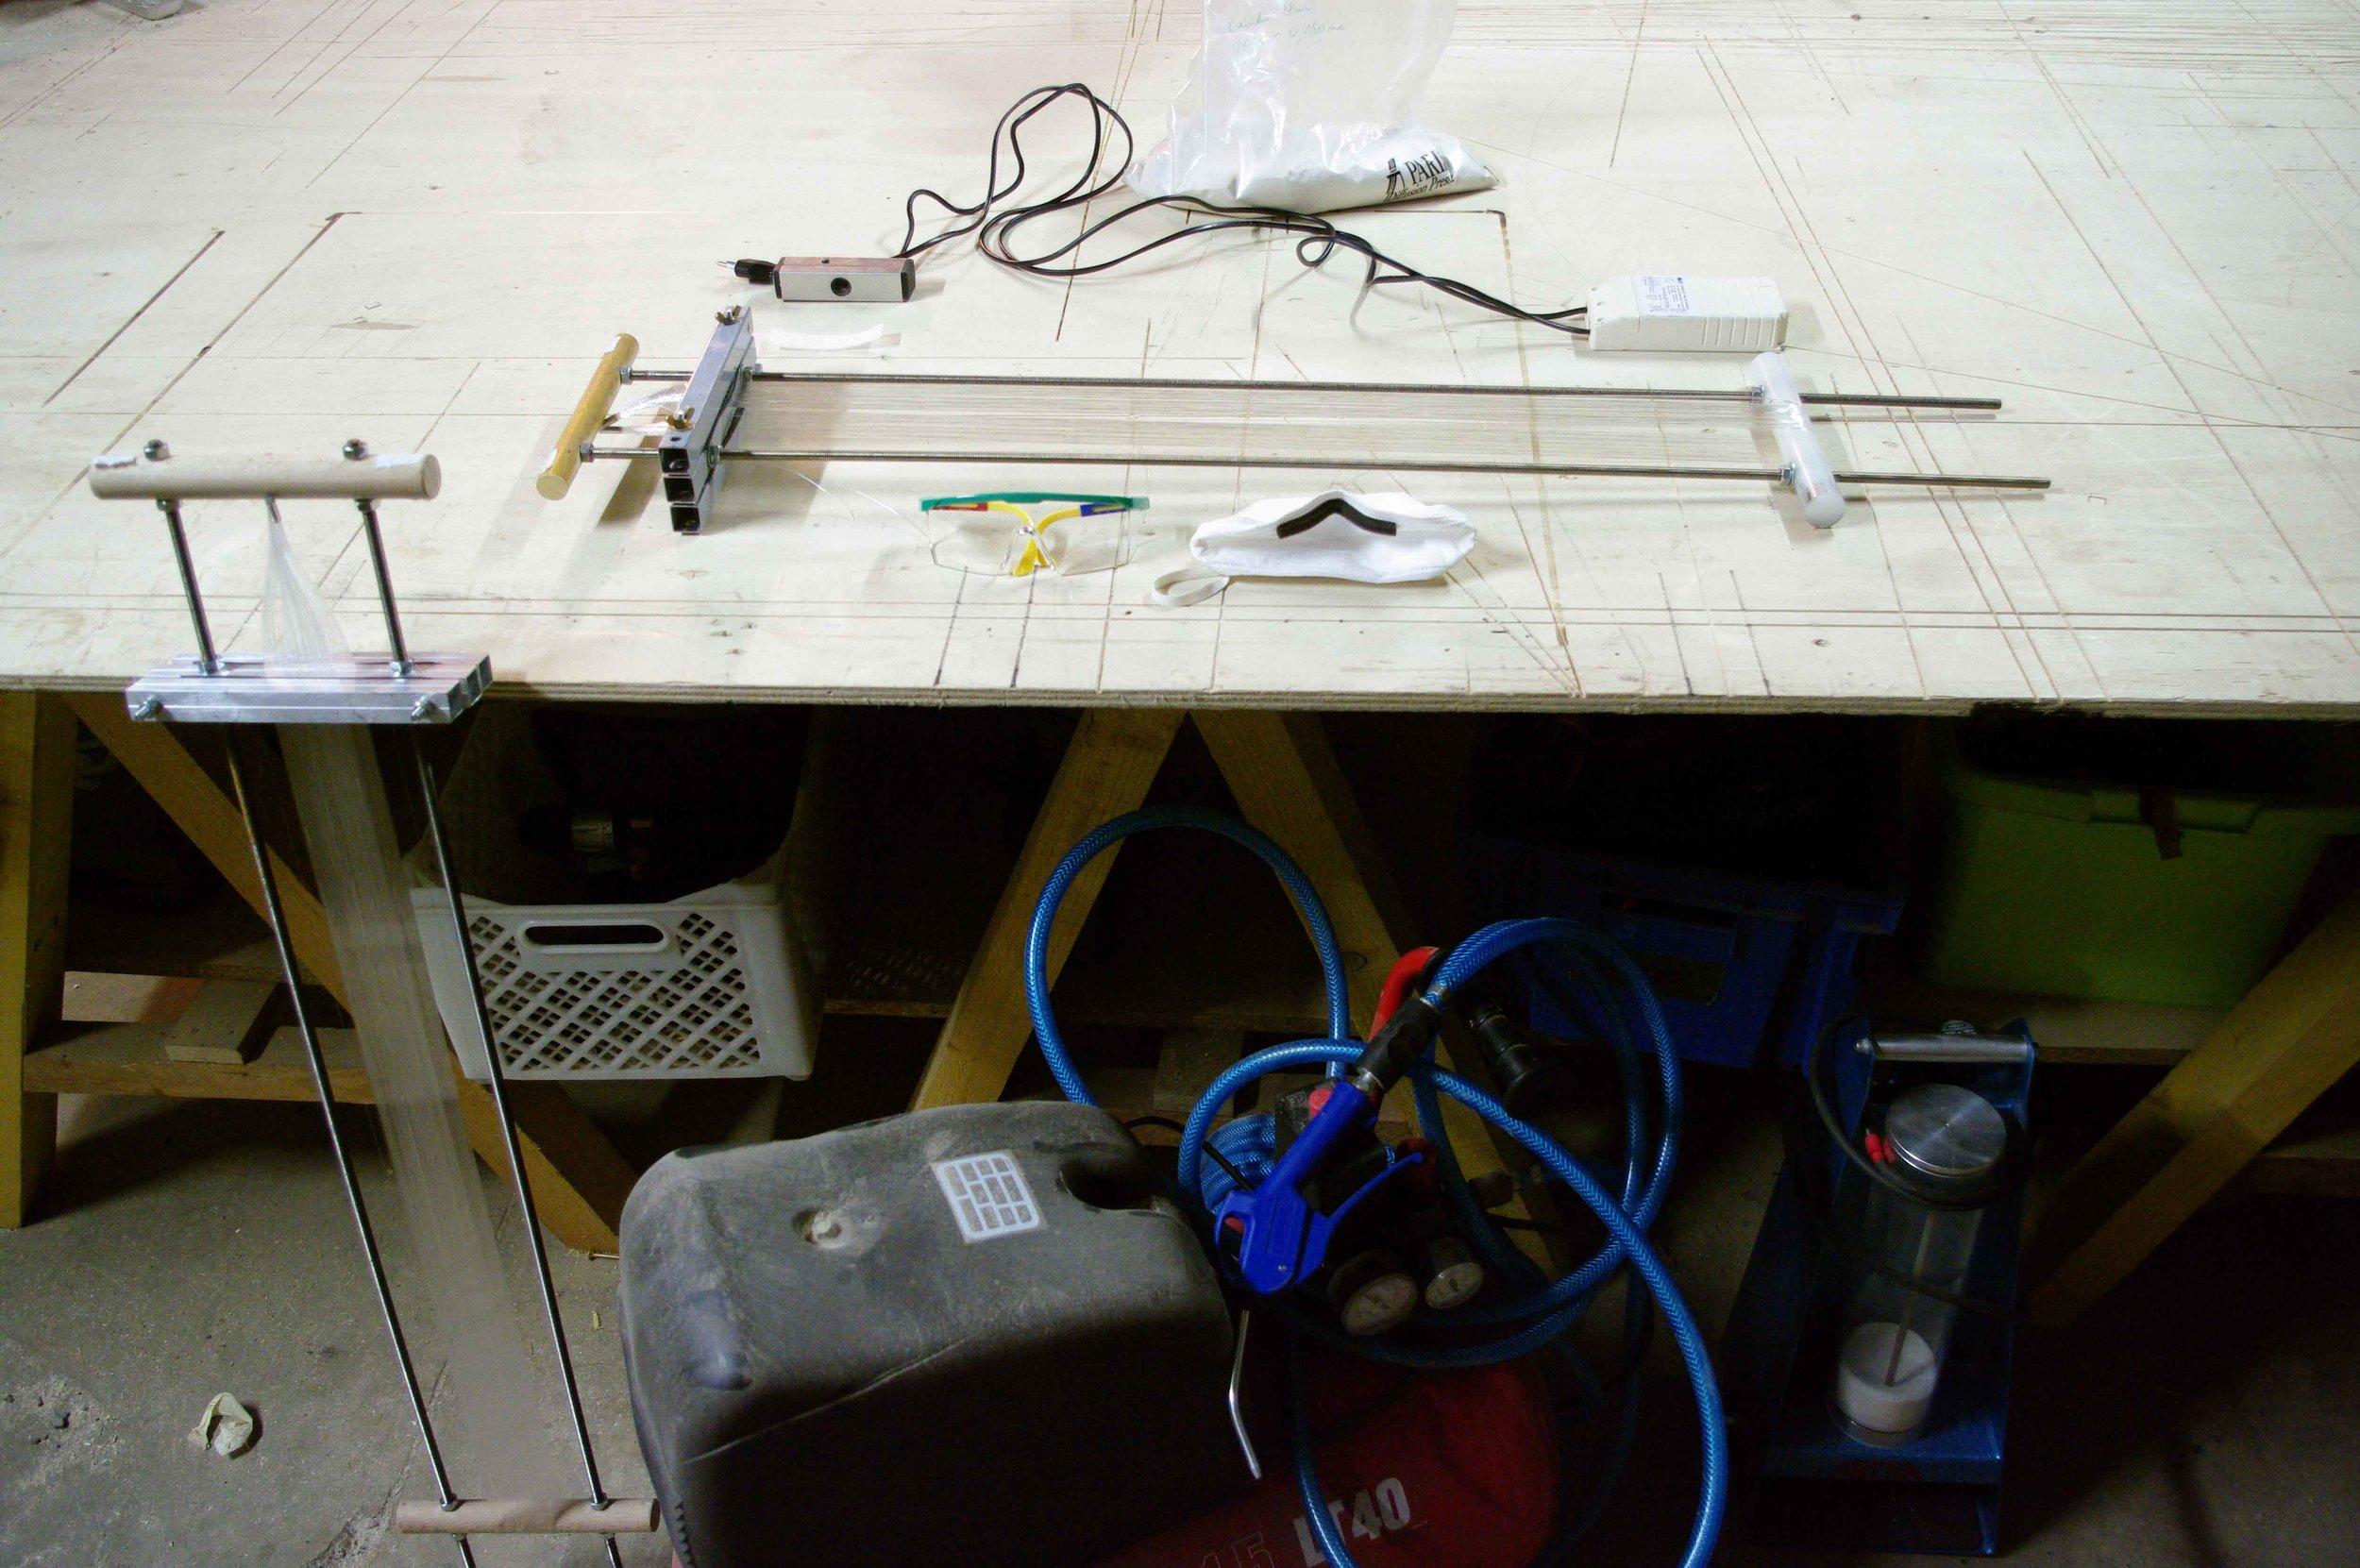 Workshop set up